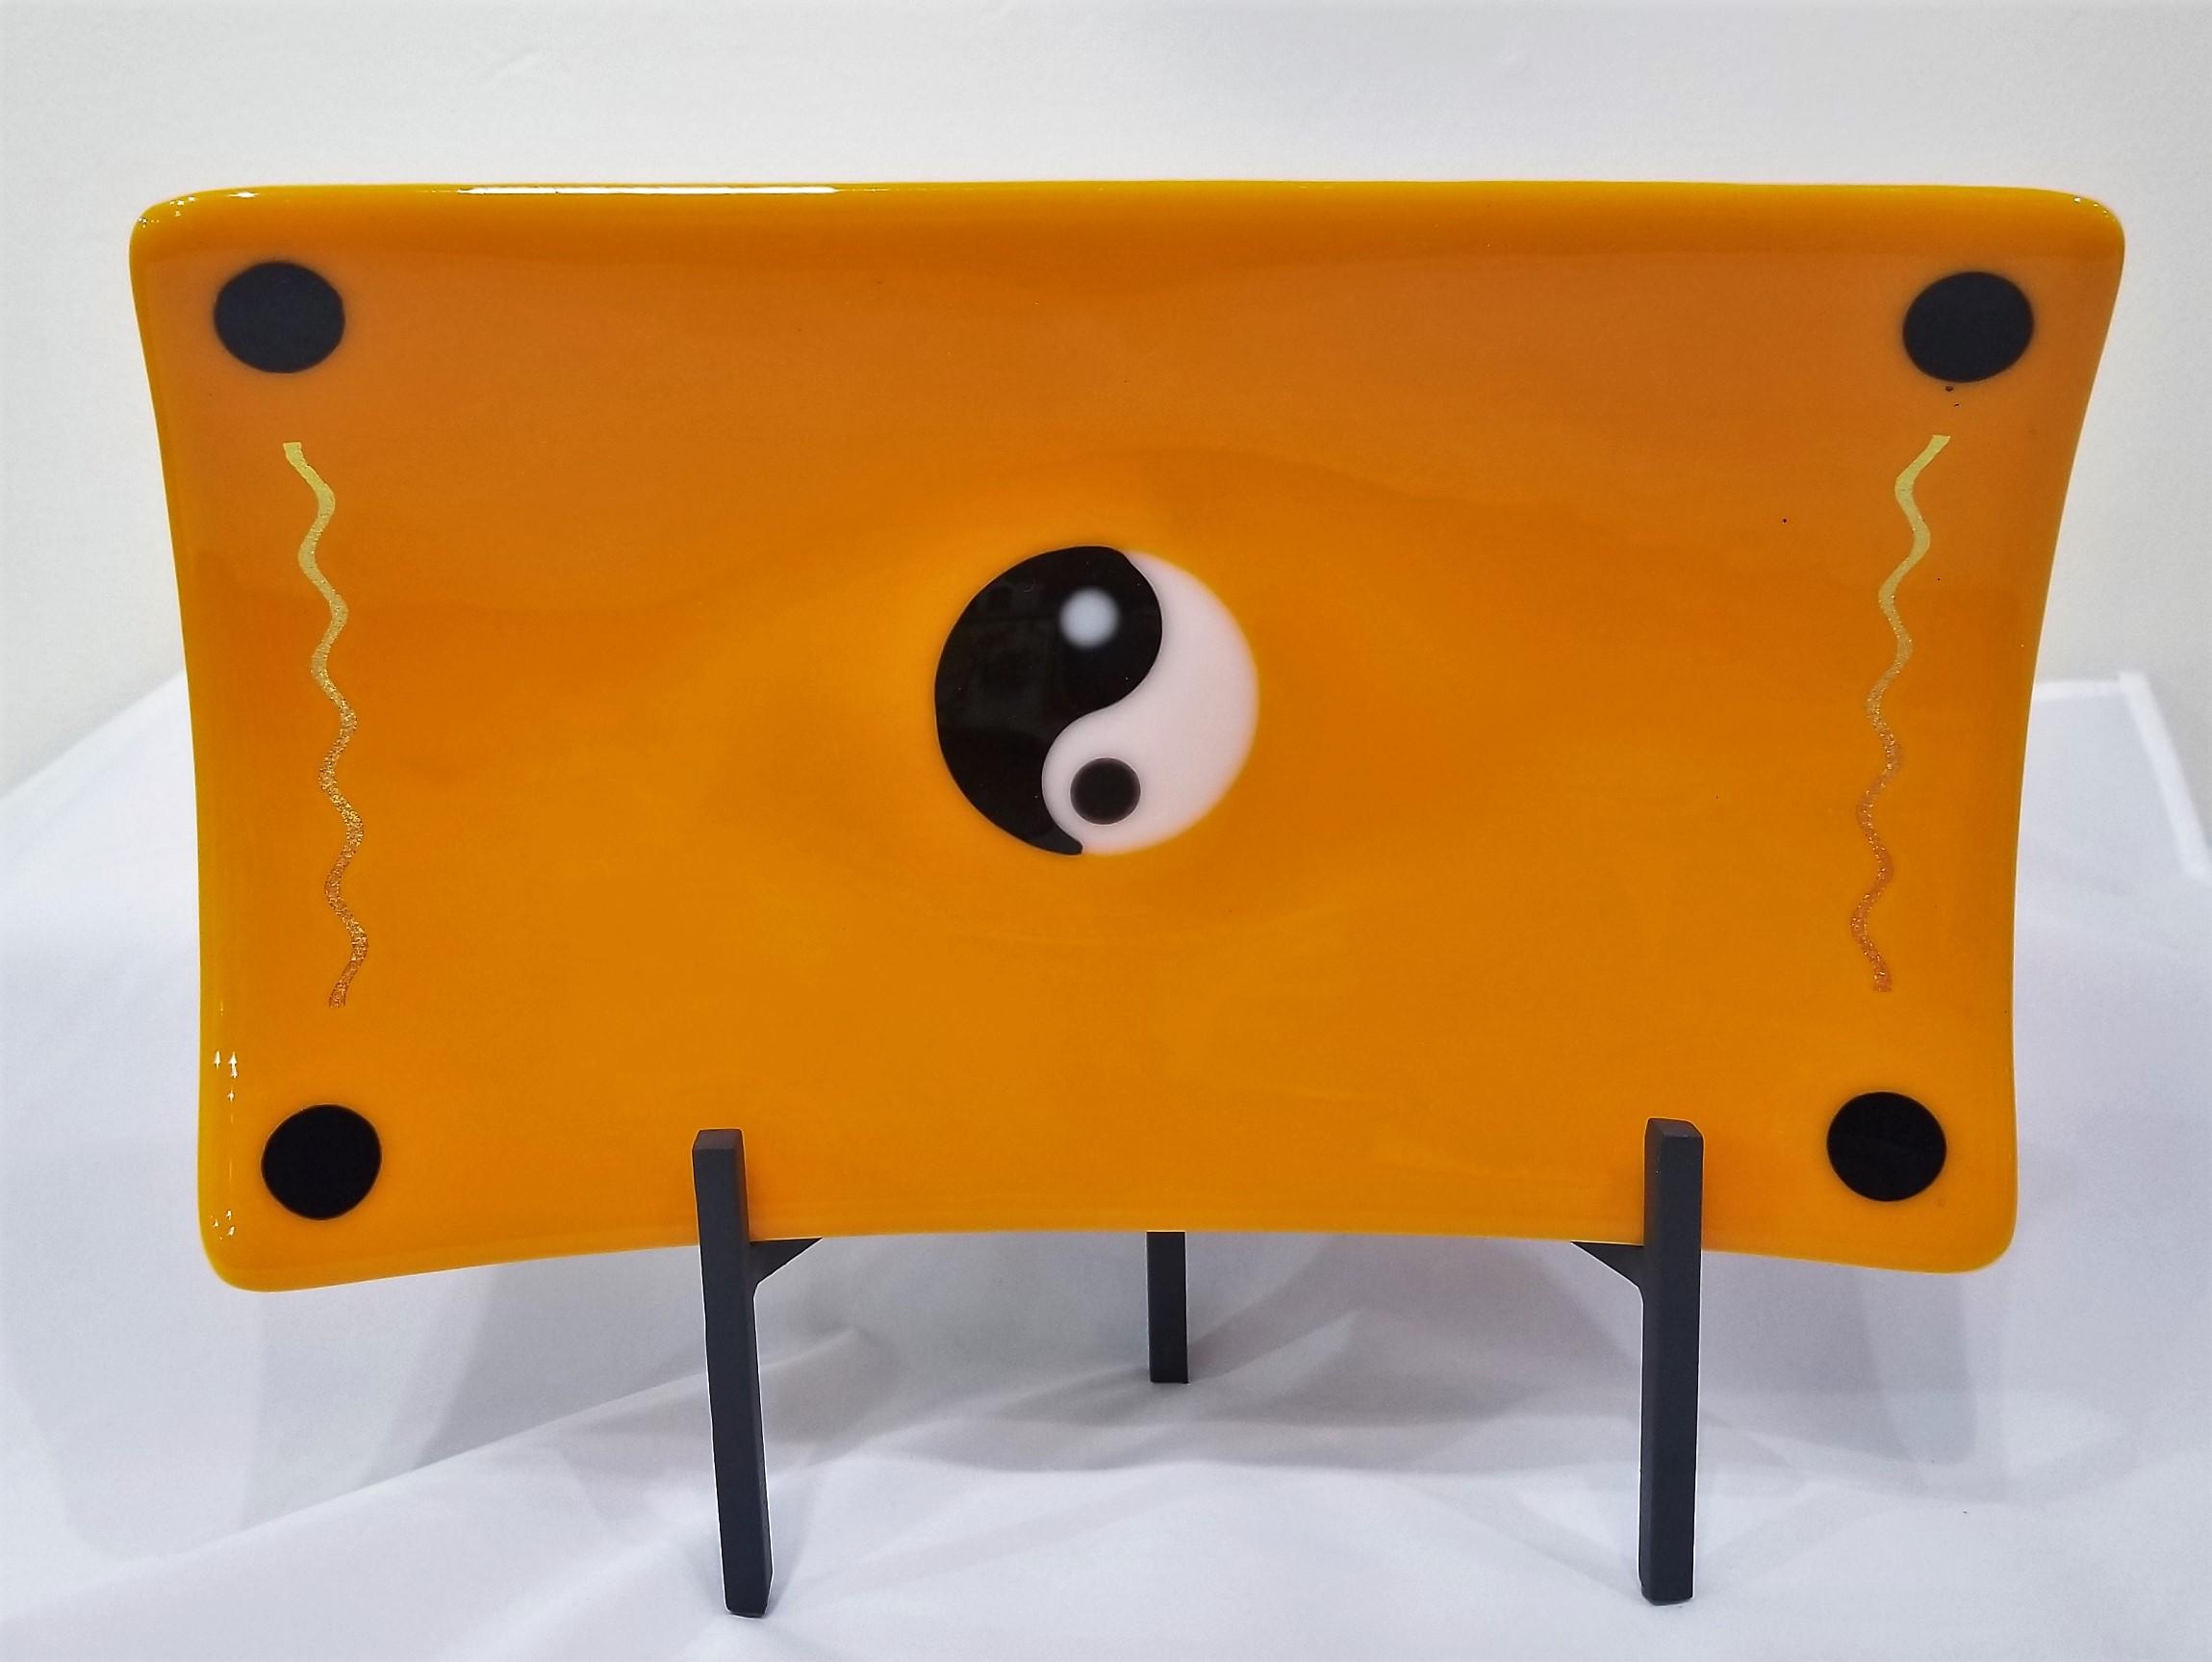 Yin Yang Sushi Platter by Lorraine Fexas